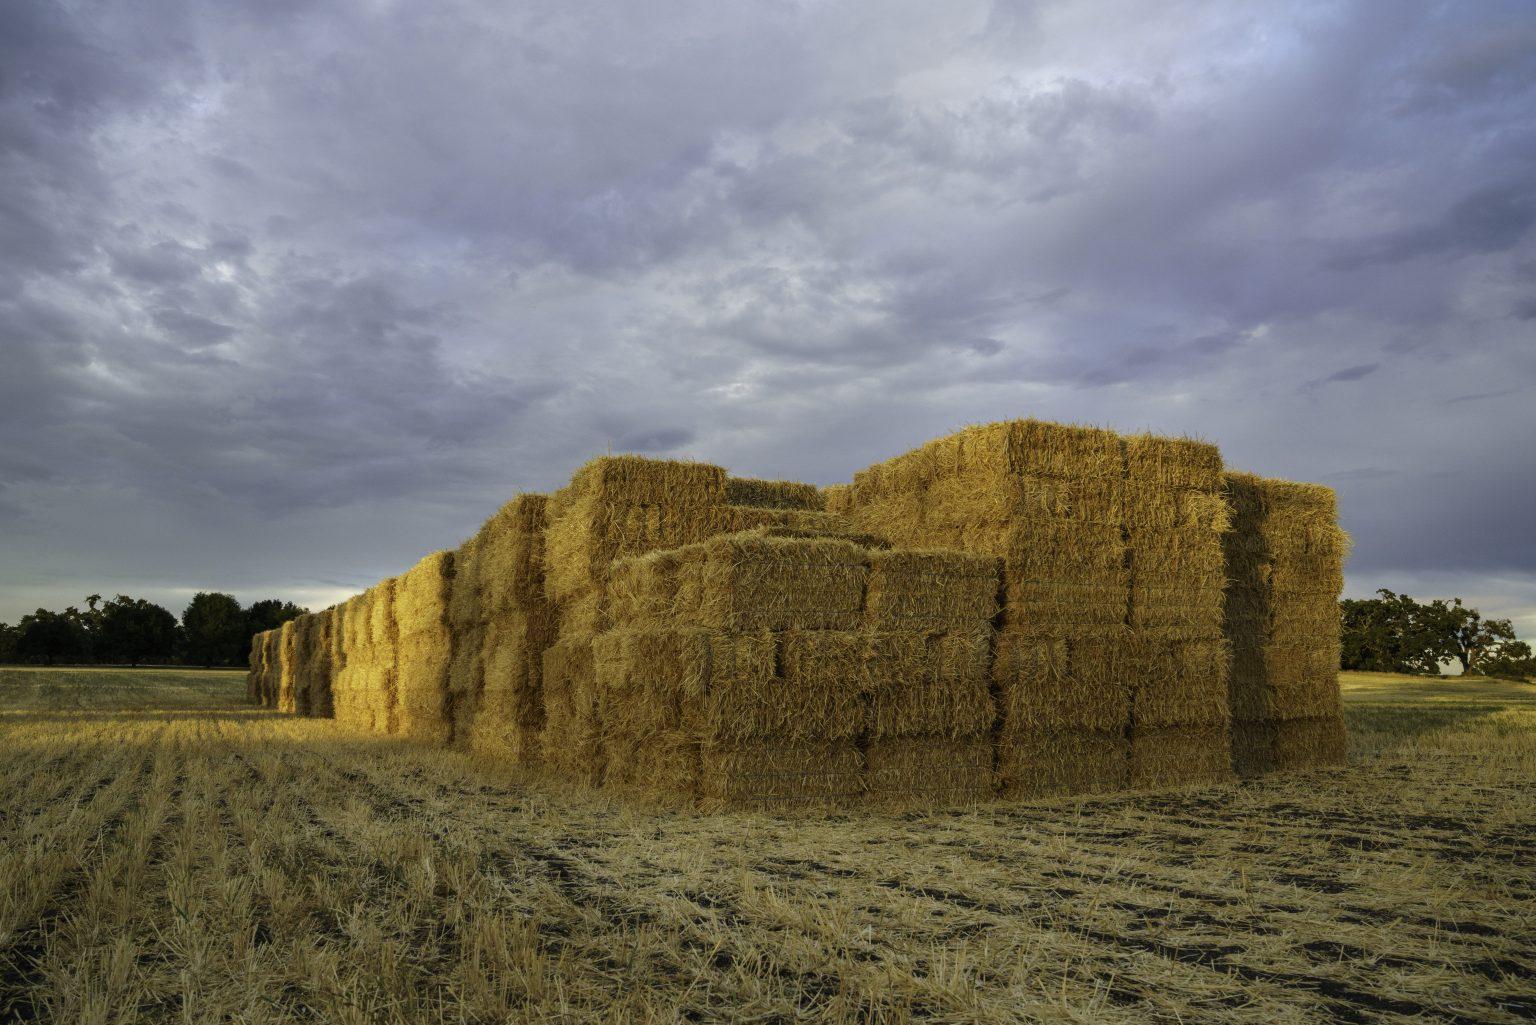 Agri Waste